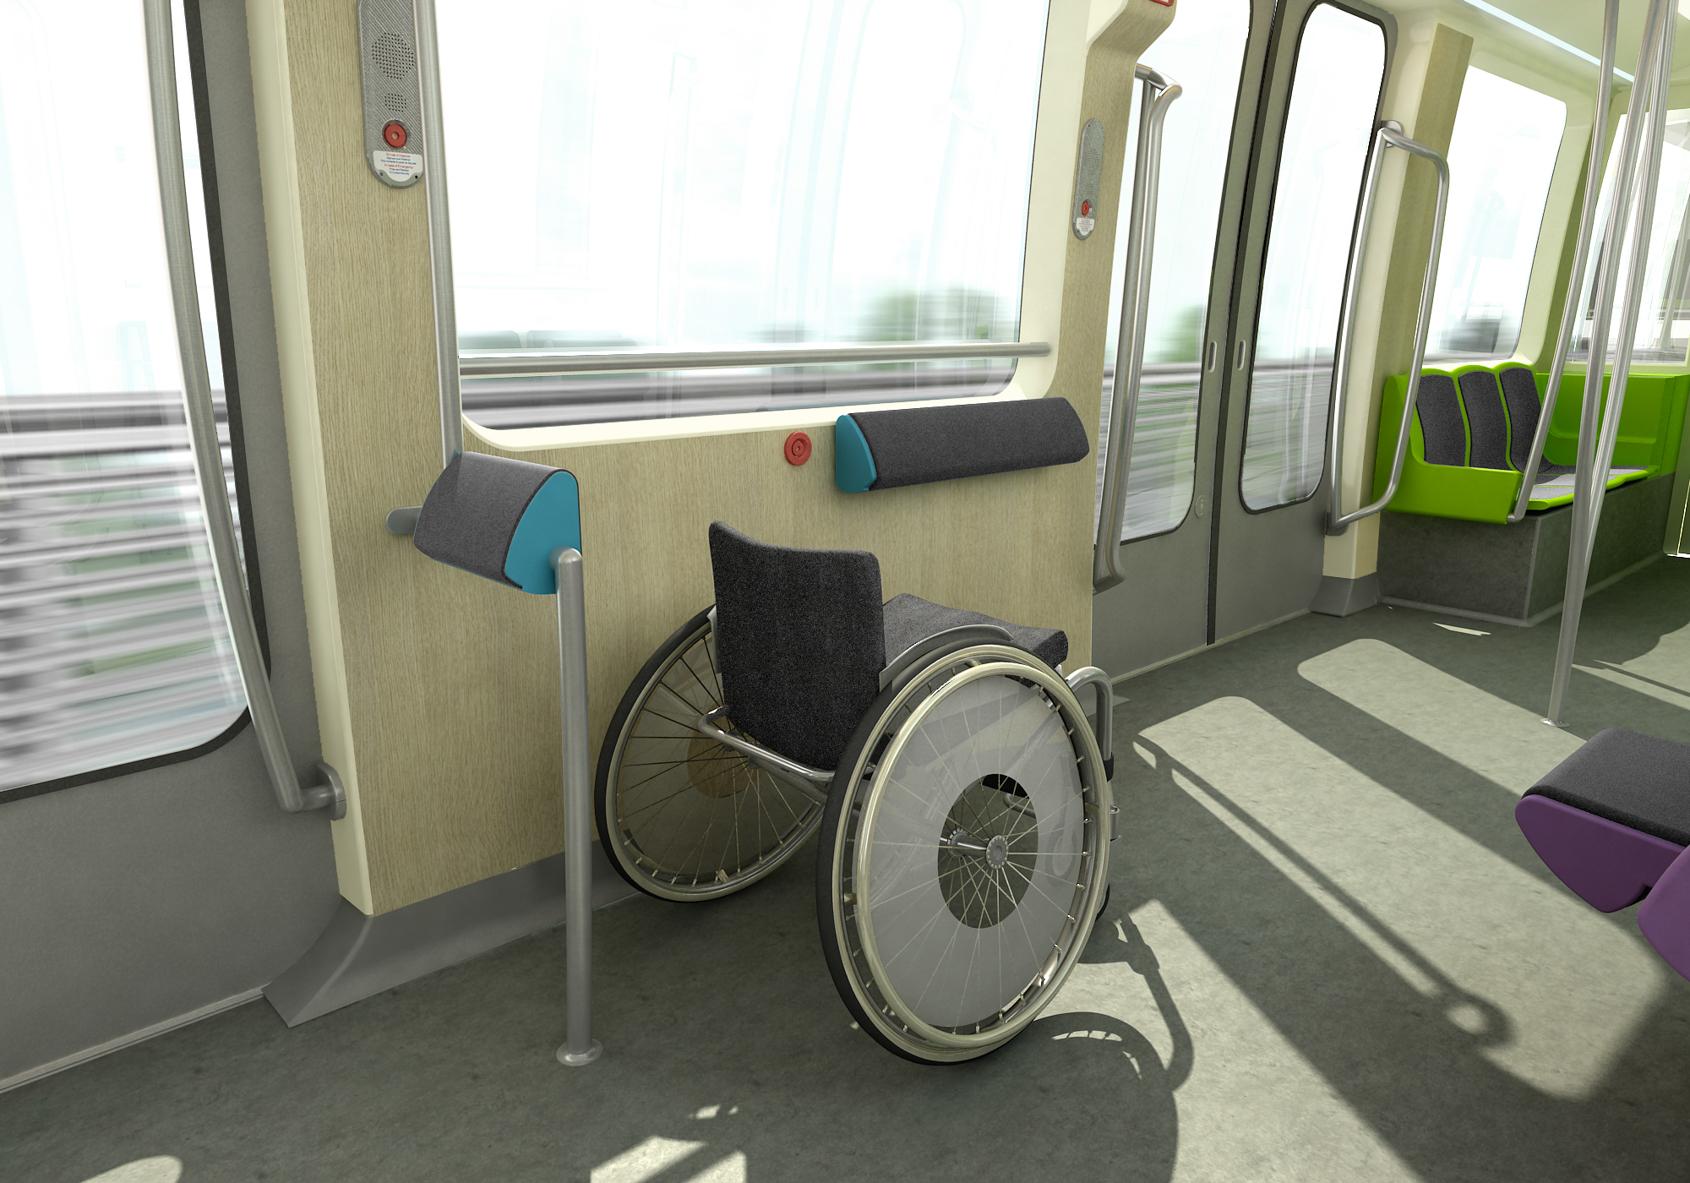 Dripmoon-archvis-graphiste3D-design-produits-images-3D-metro-rennes